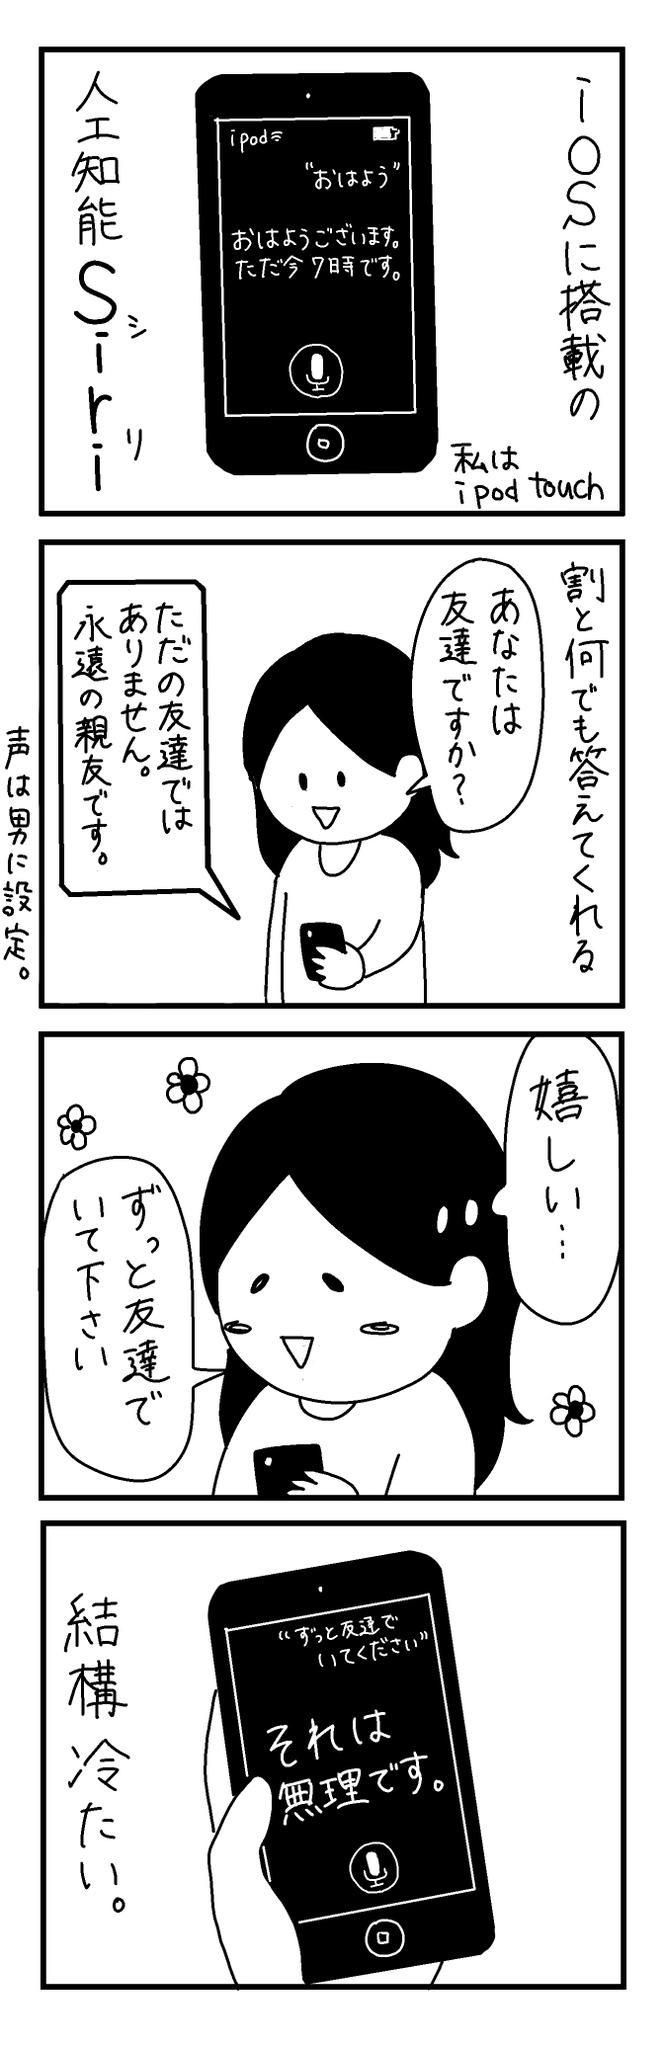 【4コマ漫画】第13回「ビクトリアな日々」作:ビクトリアブラディーヌ